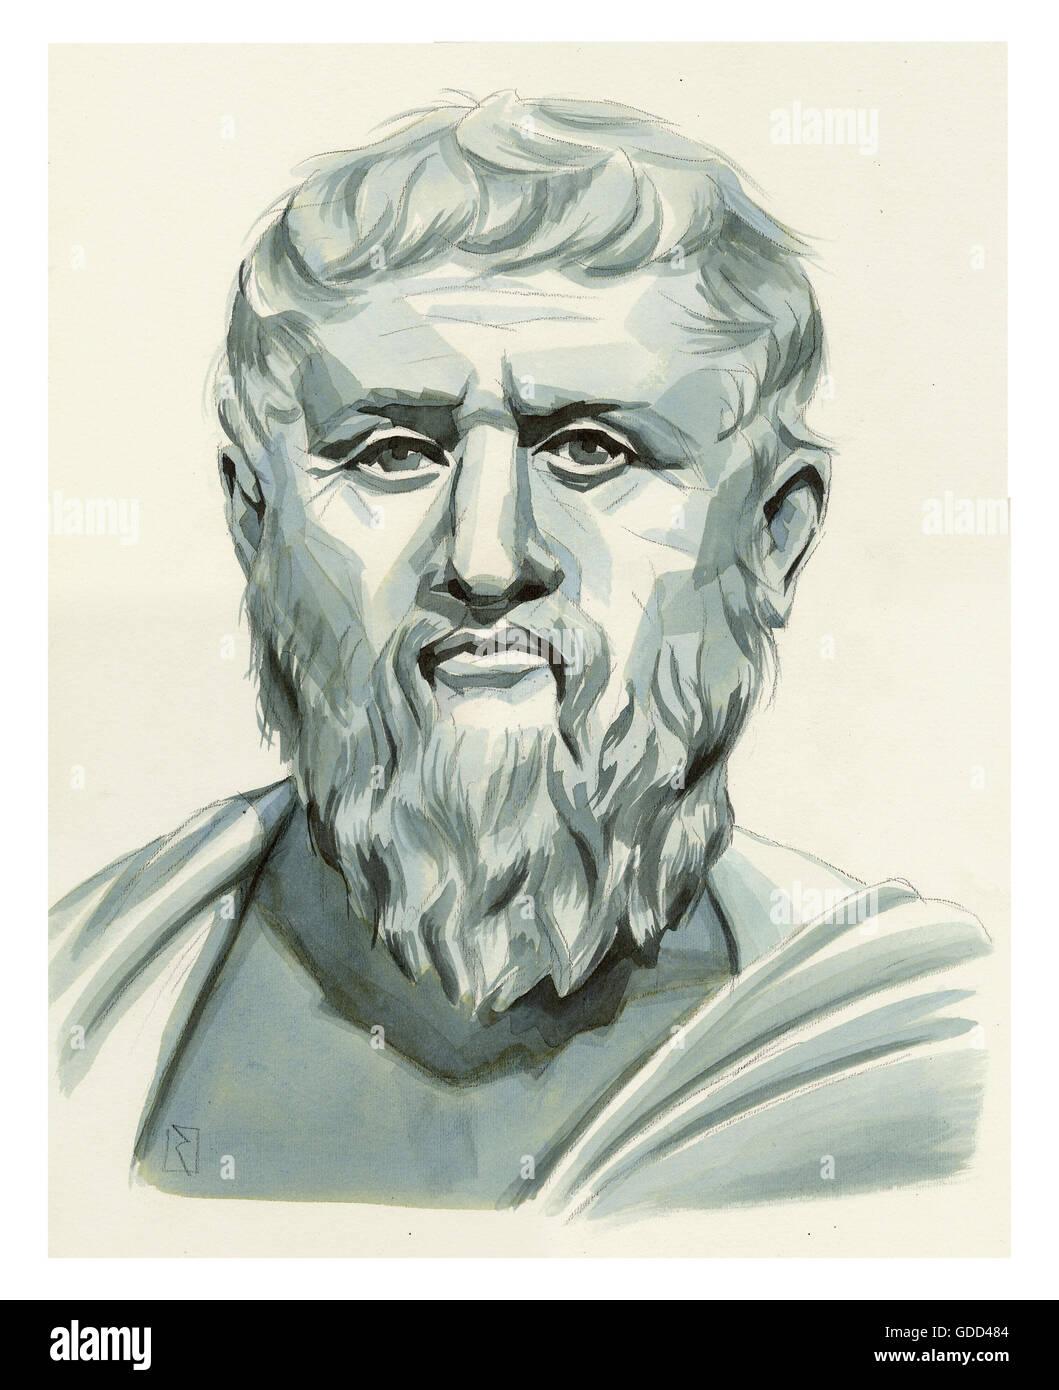 Platon, 427 - 347 CVDDH., philosophe grec, portrait, dessin monochrome par Jan Rieckhoff, 20.6.2007, l'artiste déjà dédouanés par INTERFOTO Auteur, aucun espace supplémentaire nécessaire Banque D'Images